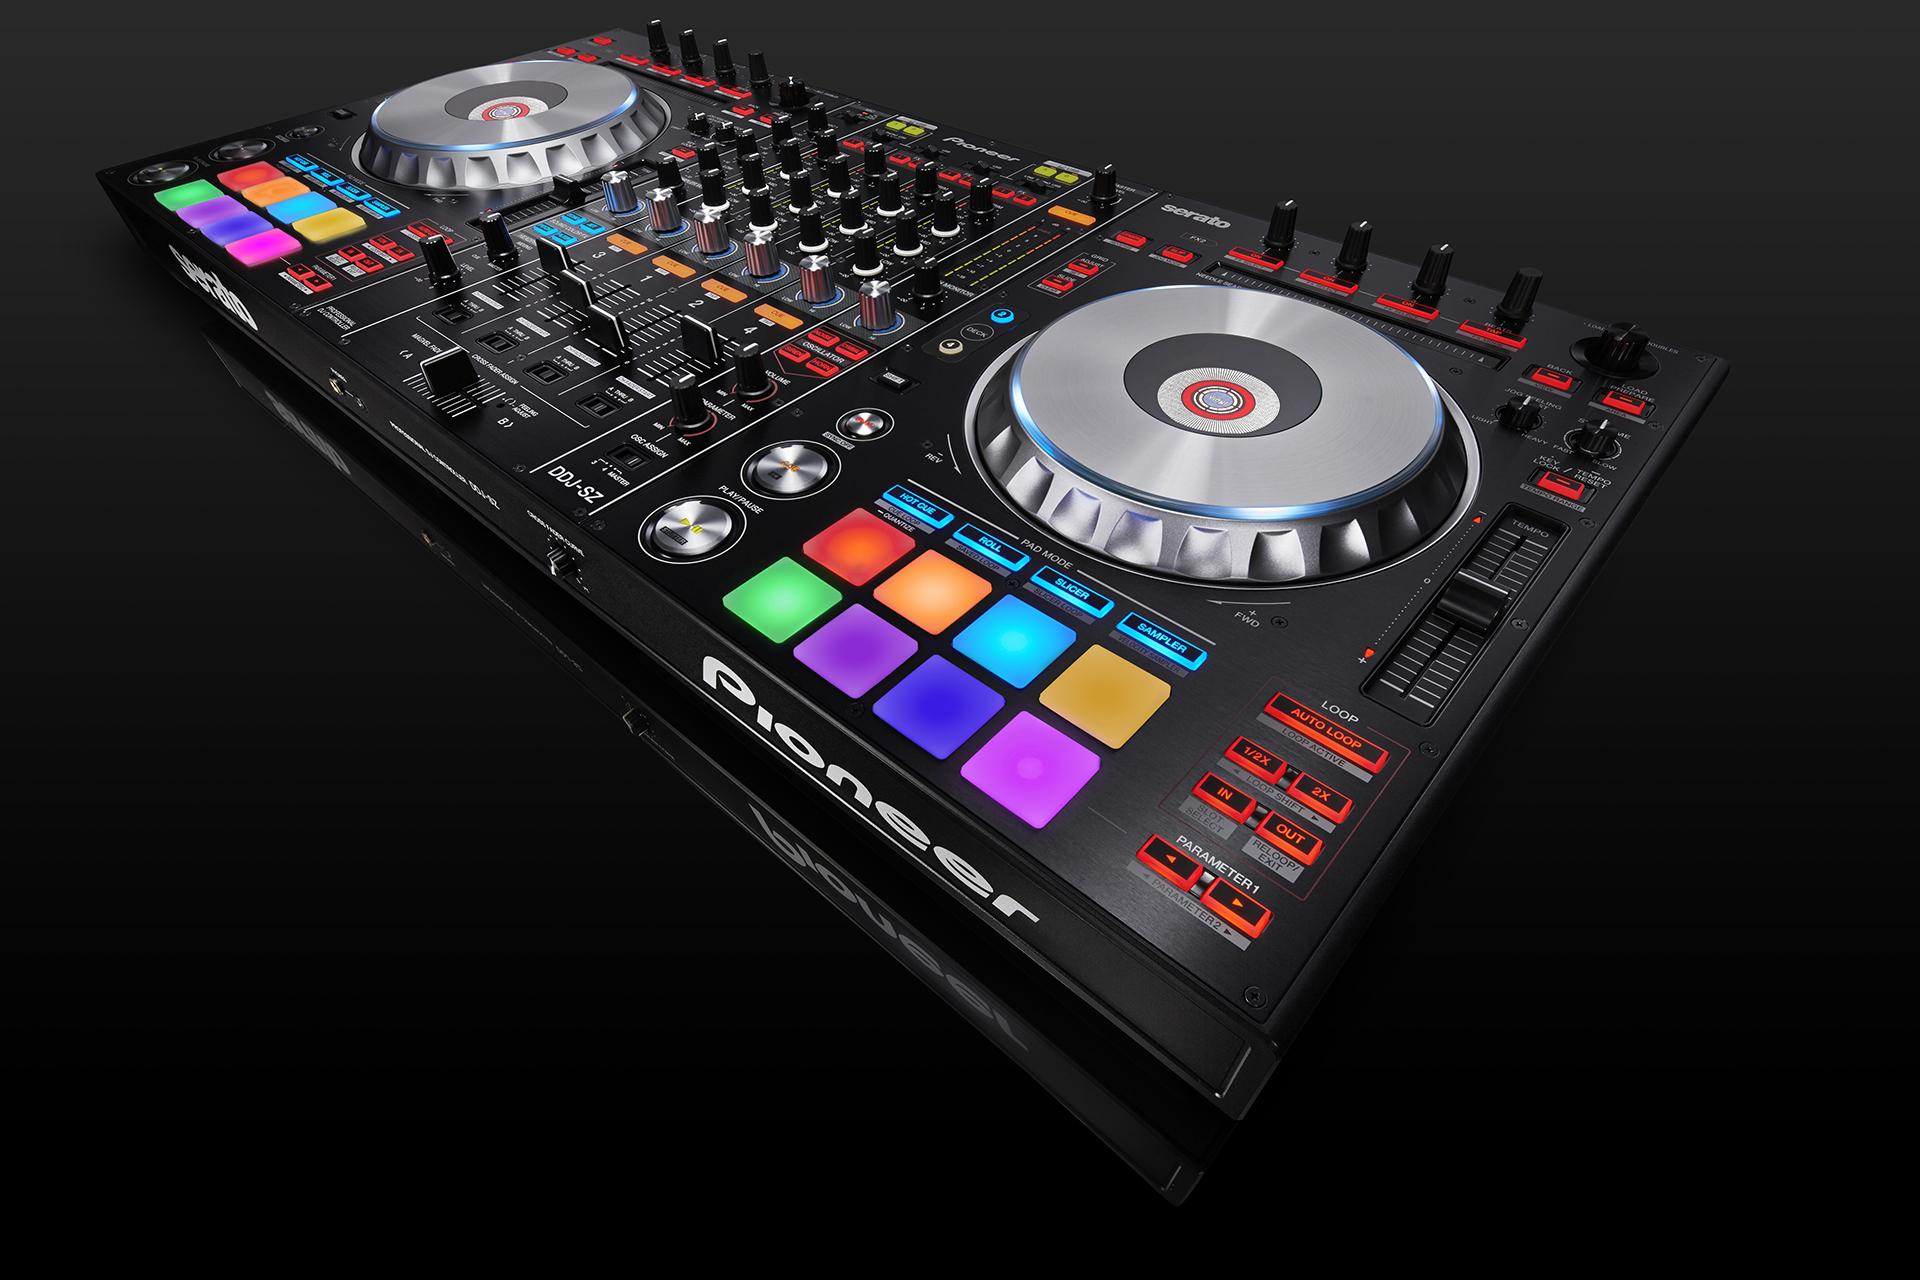 DDJ-SZ Pioneer, conheça um pouco mais no overview com Dudu P. controlador, DDJ-SZ, DJ, dudu p, overview, pioneer, Serato Dj